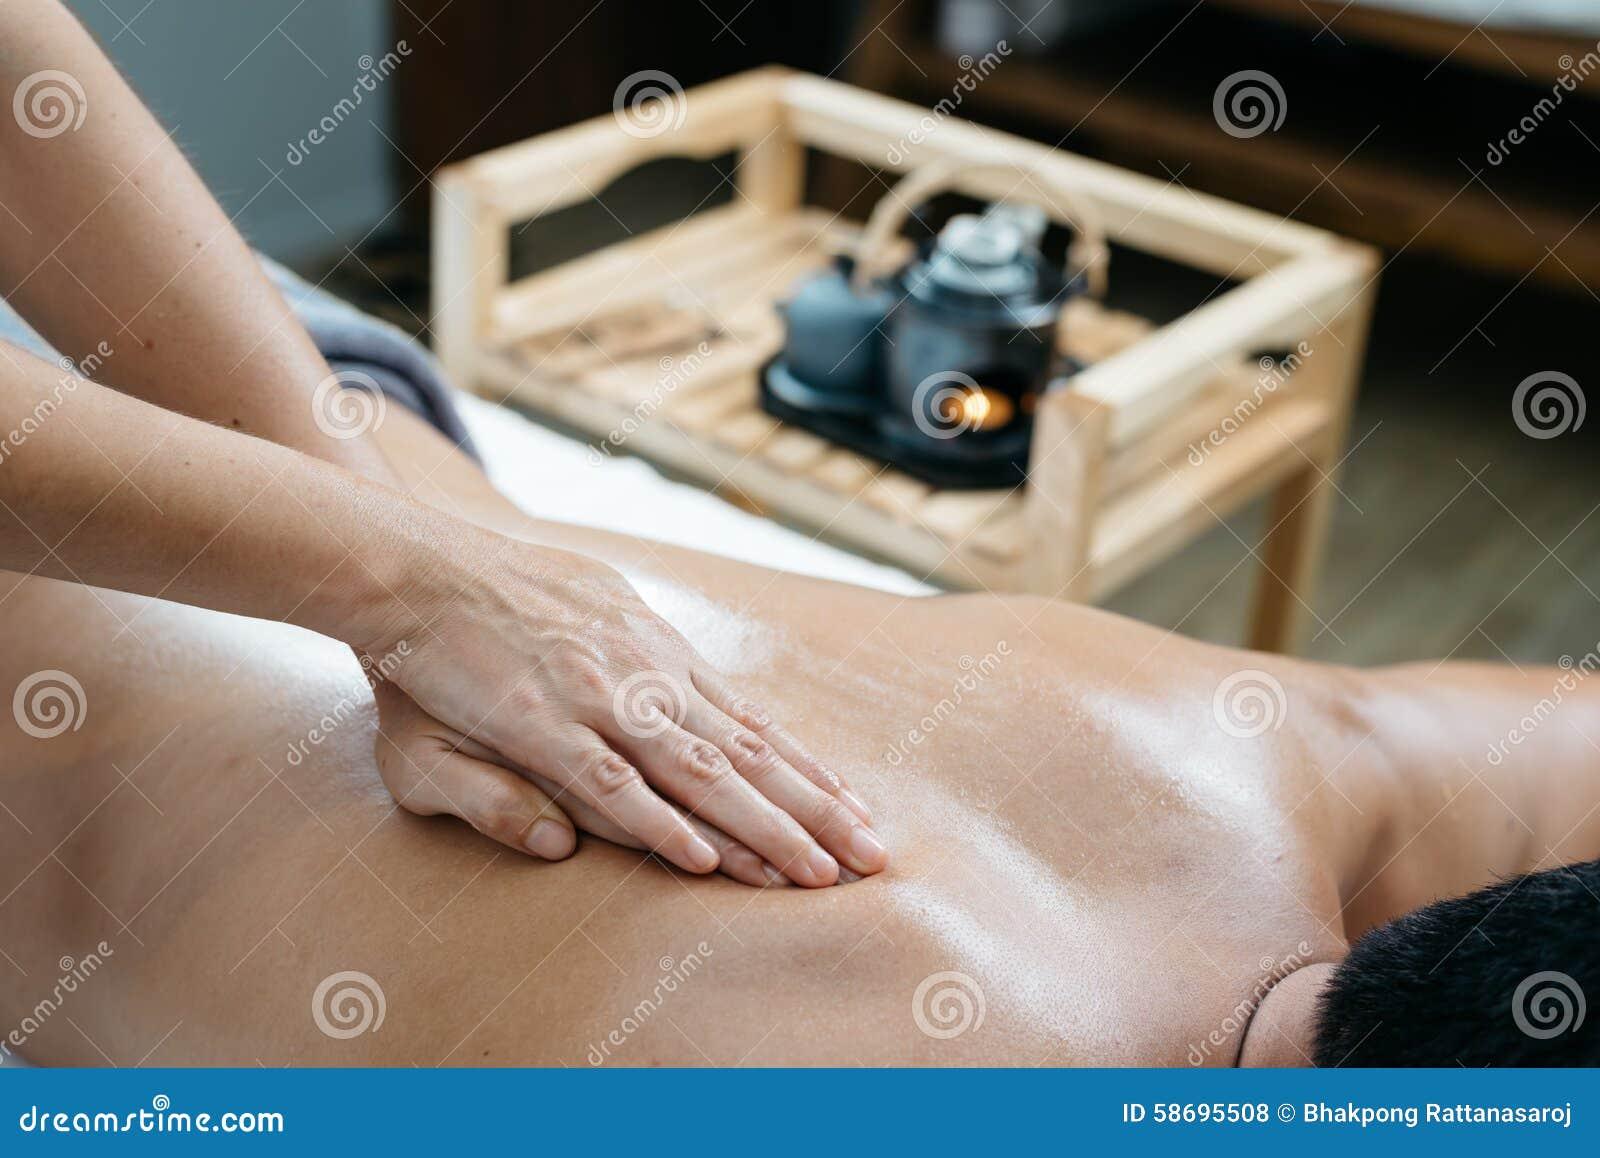 Série tailandesa da massagem